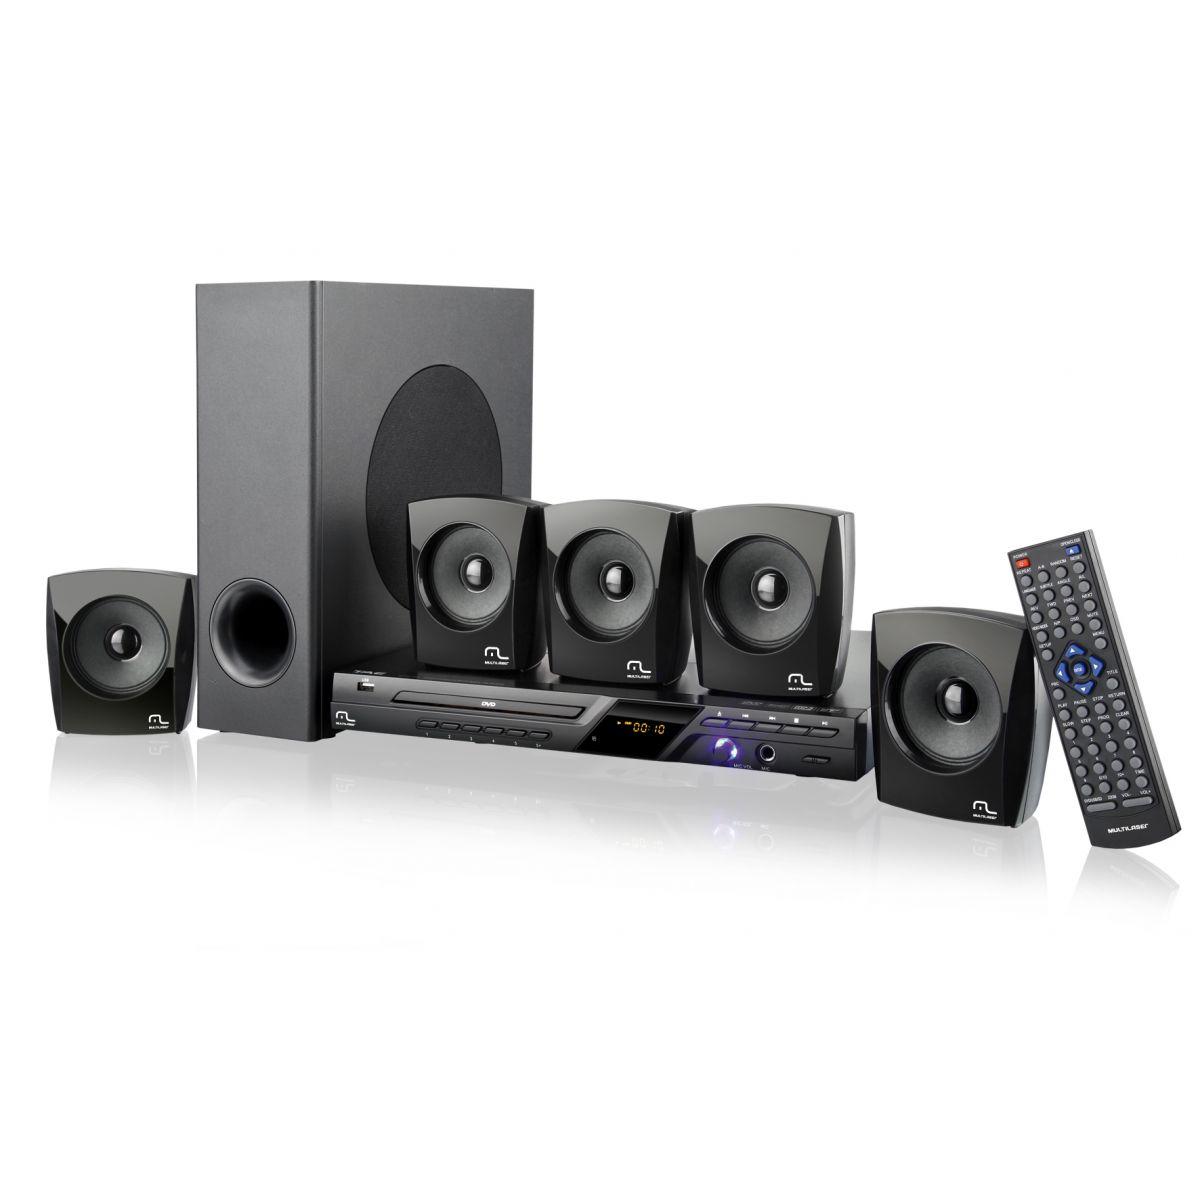 Caixa de Som Mini System 5.1 120W RMS com DVD Player/FM/Karaoke SP148 - Multilaser